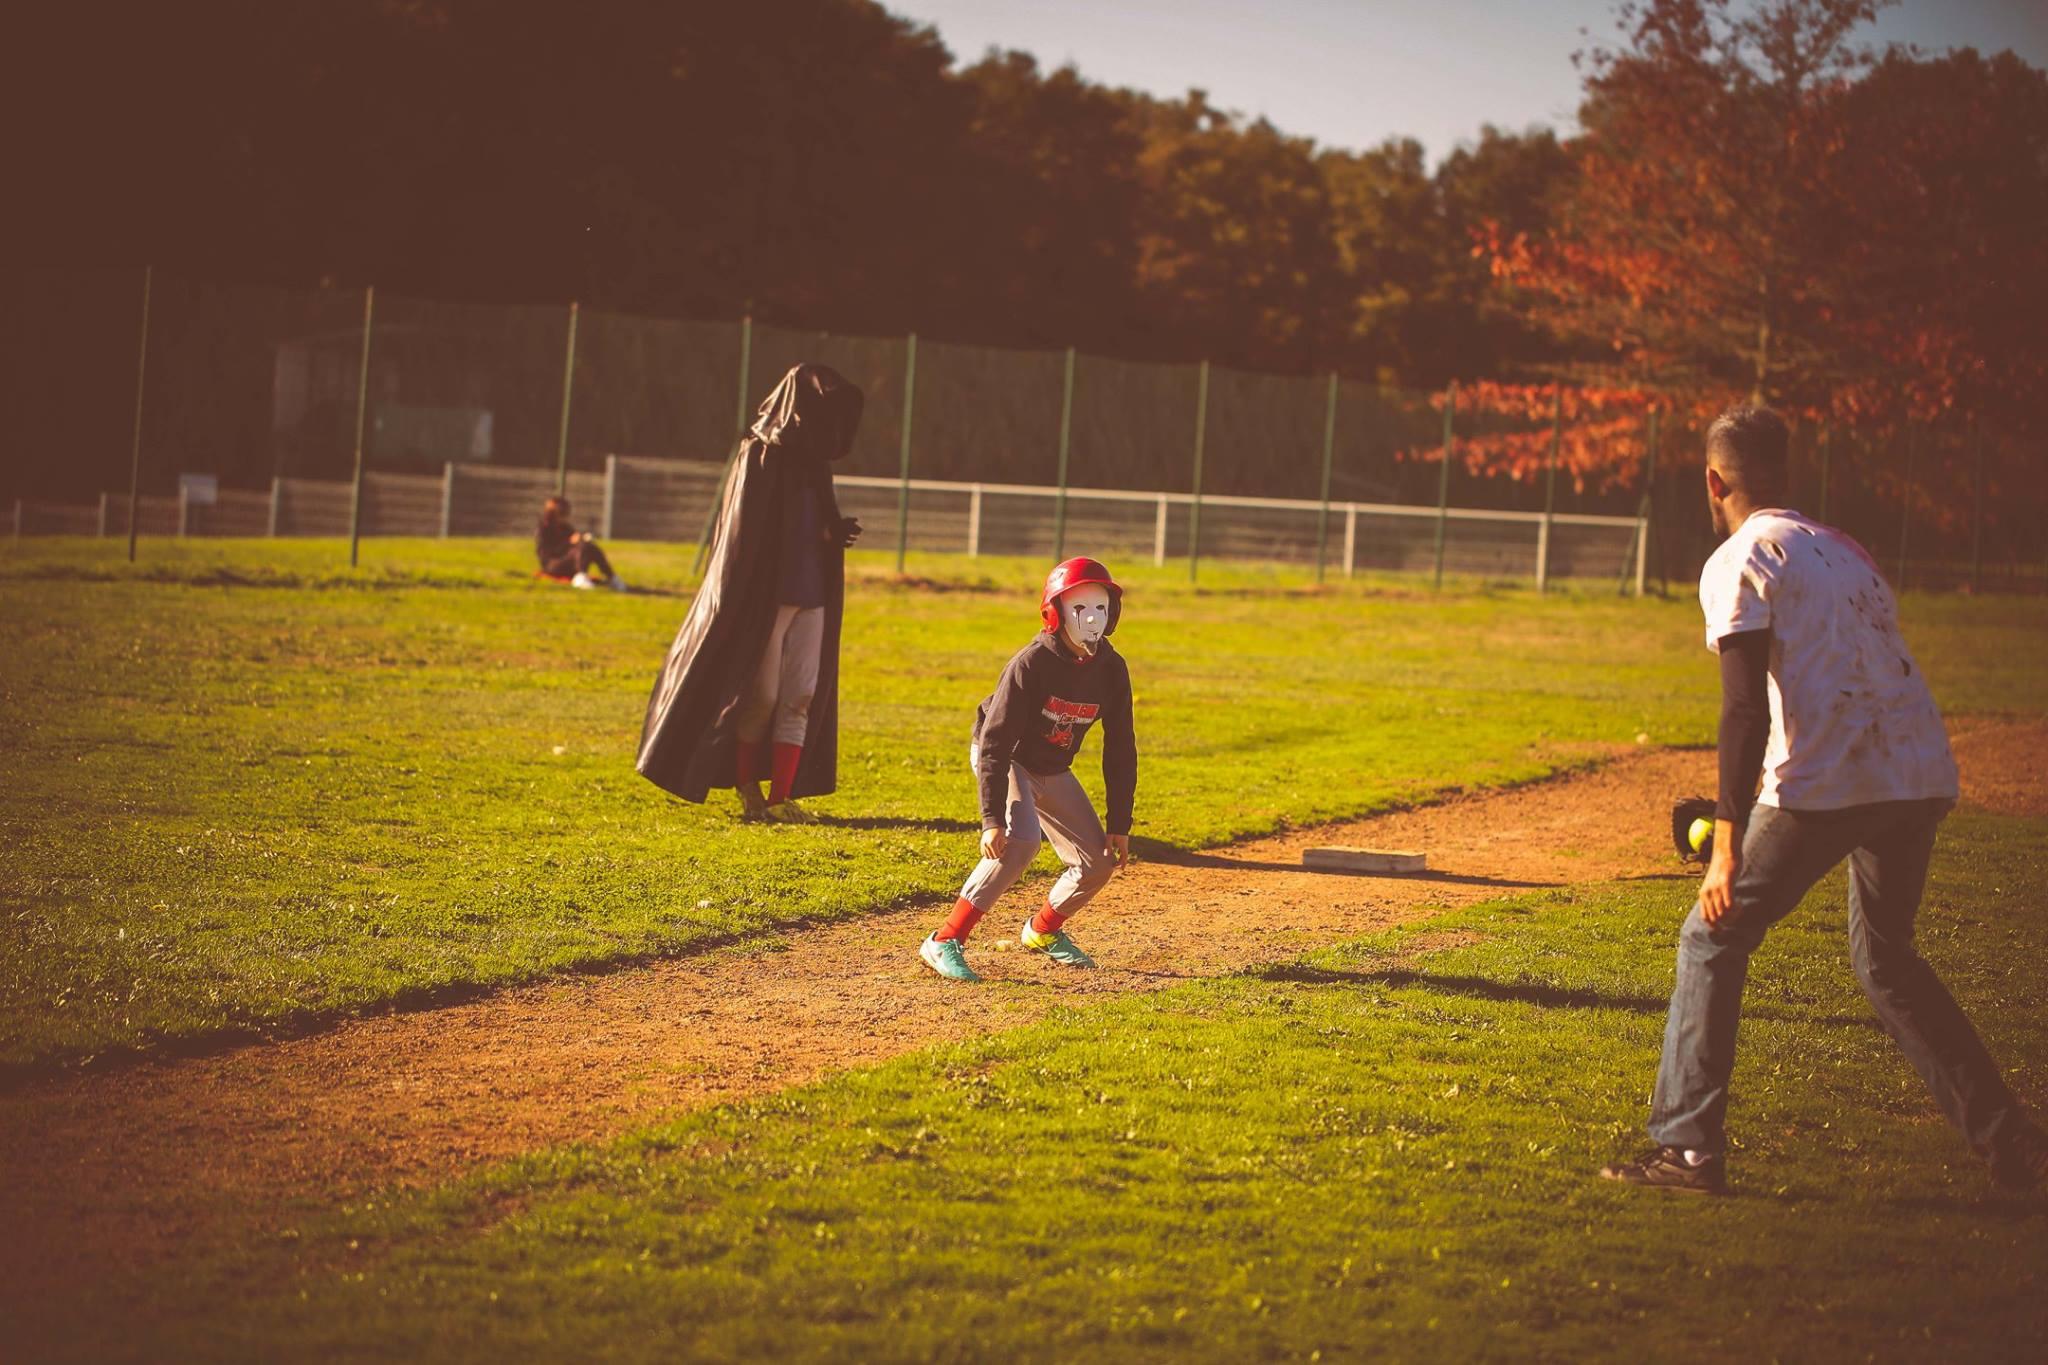 halloween game baseball angouleme